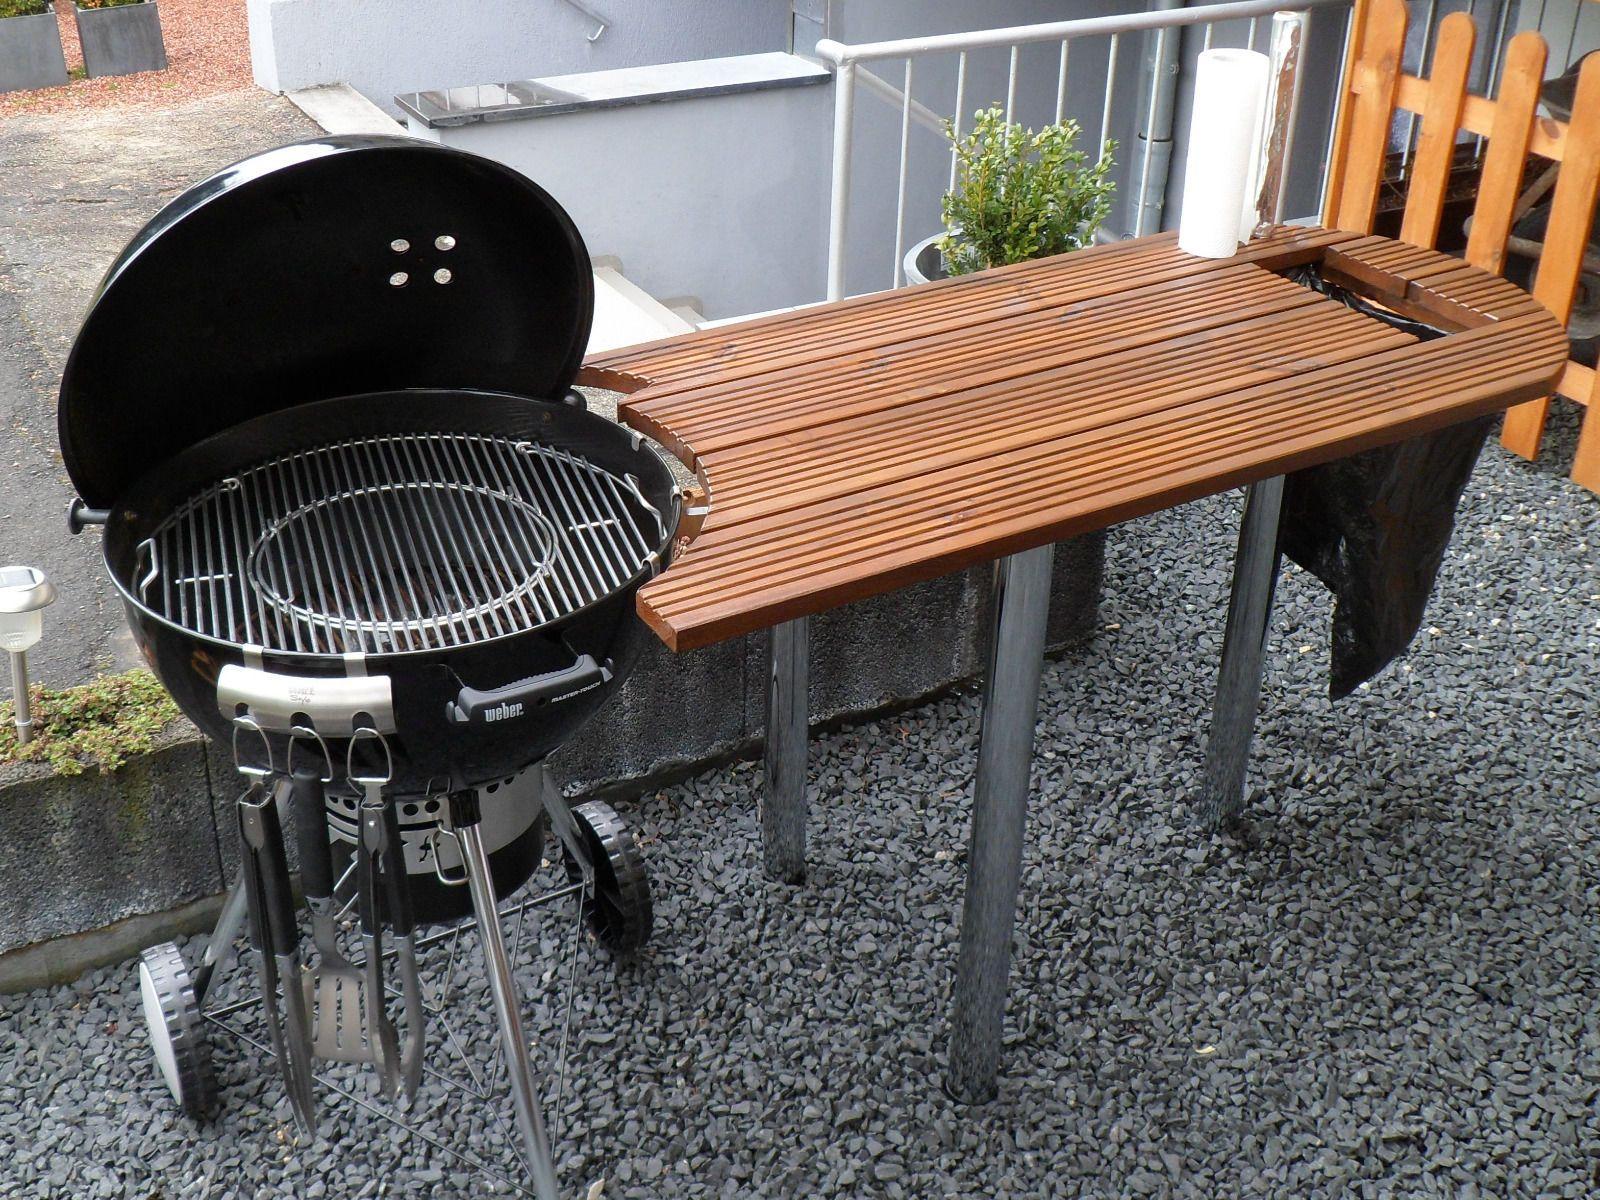 Outdoor Küche Weber : Outdoor küche kugelgrill weber grill tisch die produktbilder